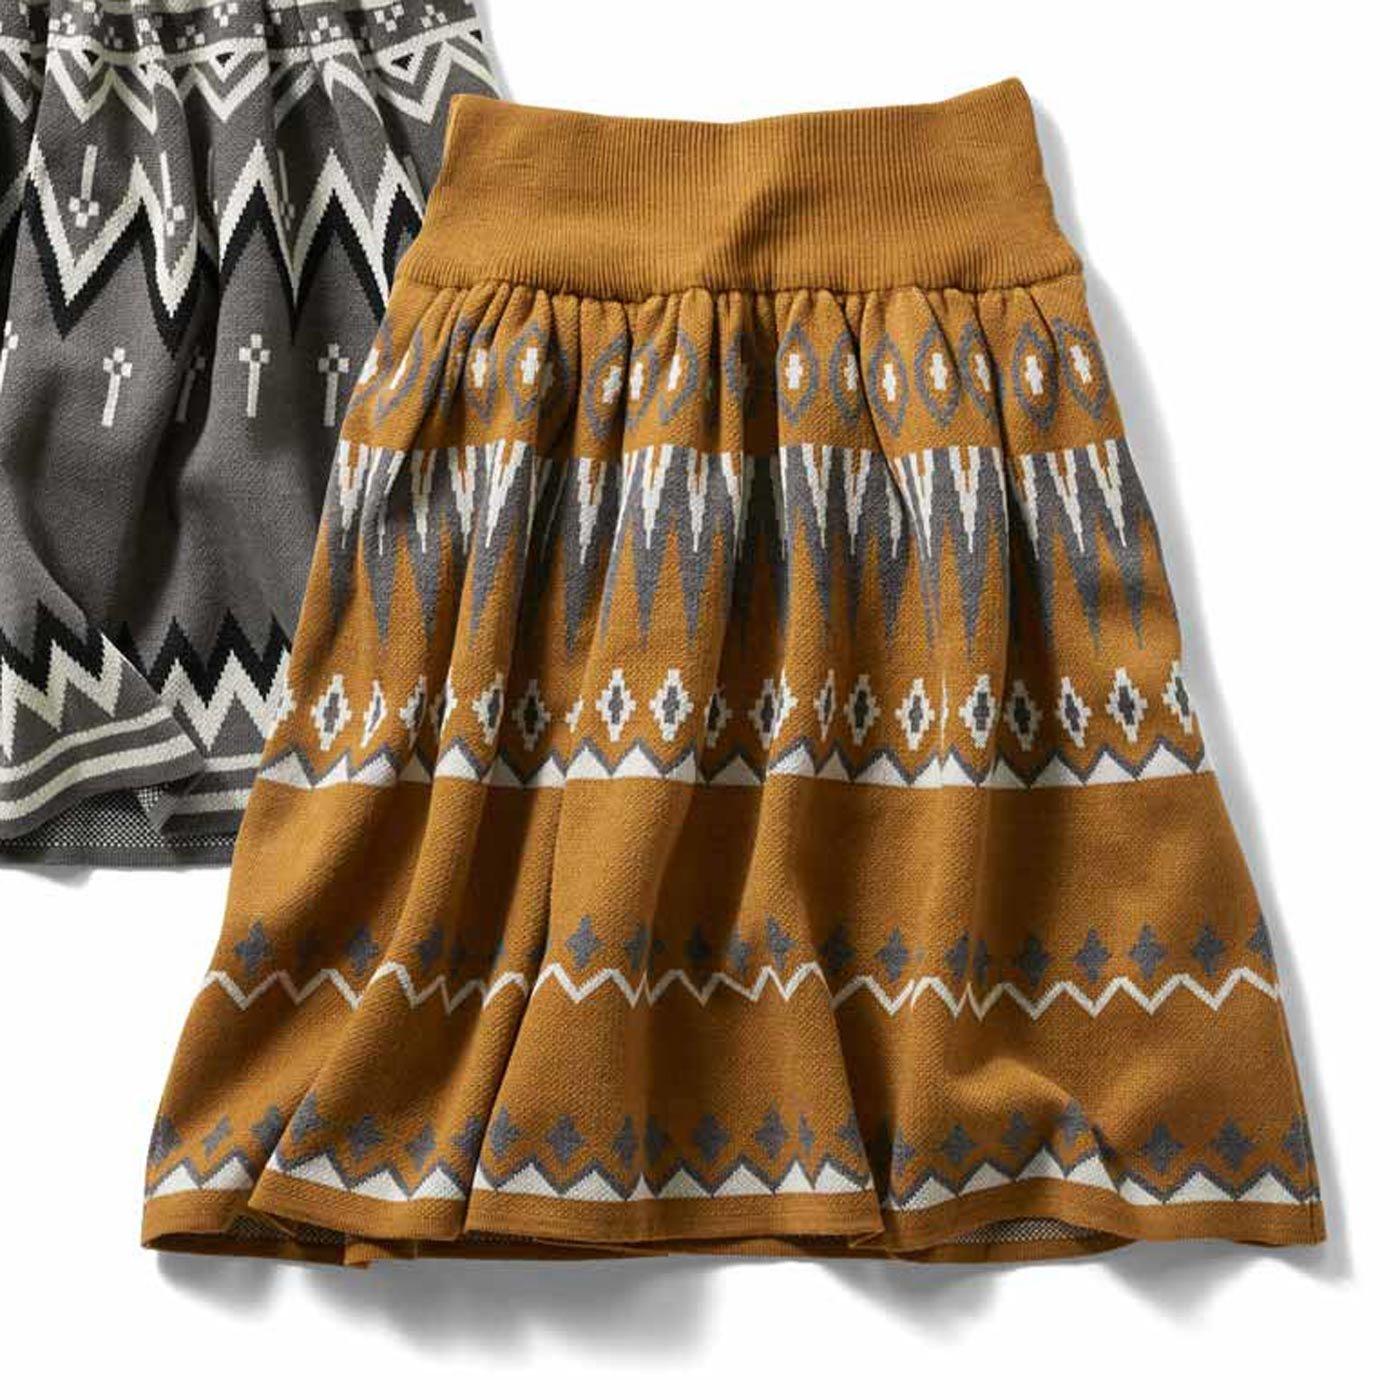 IEDIT[イディット] ジャカード柄のウエストリブニットスカート〈キャメル〉